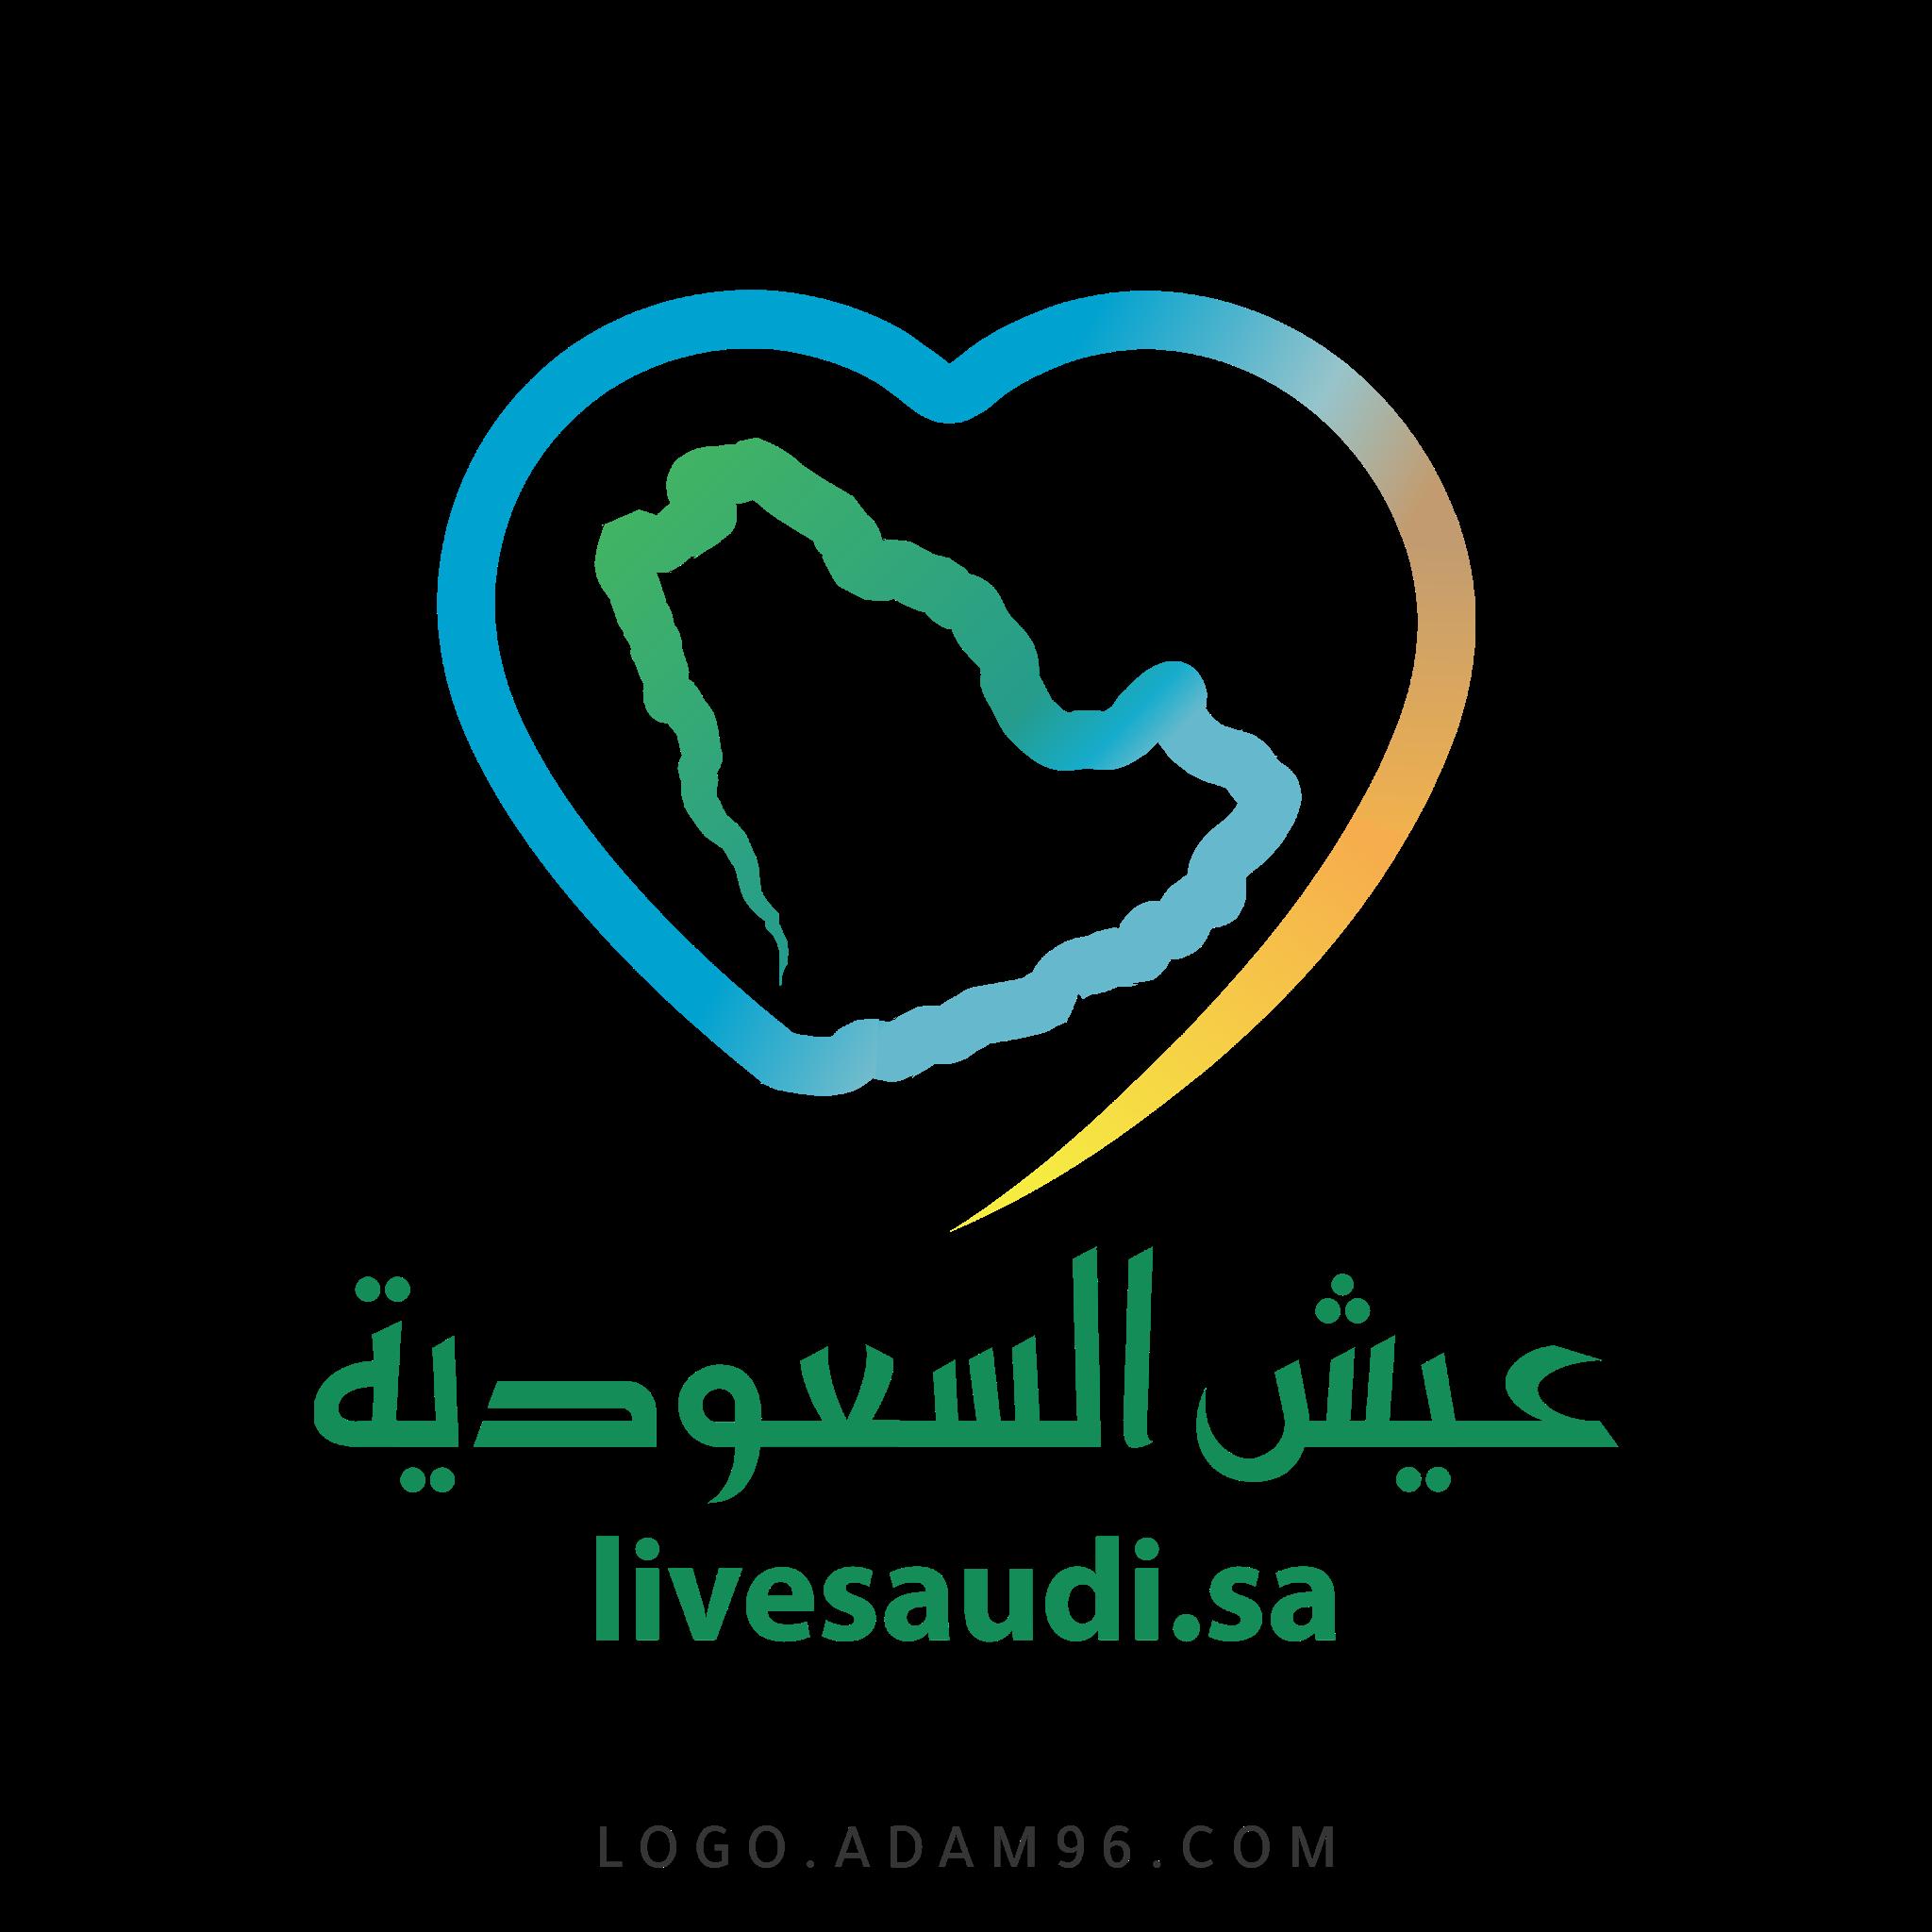 تحميل شعار عيش السعودية الرسمي بجودة عالية PNG